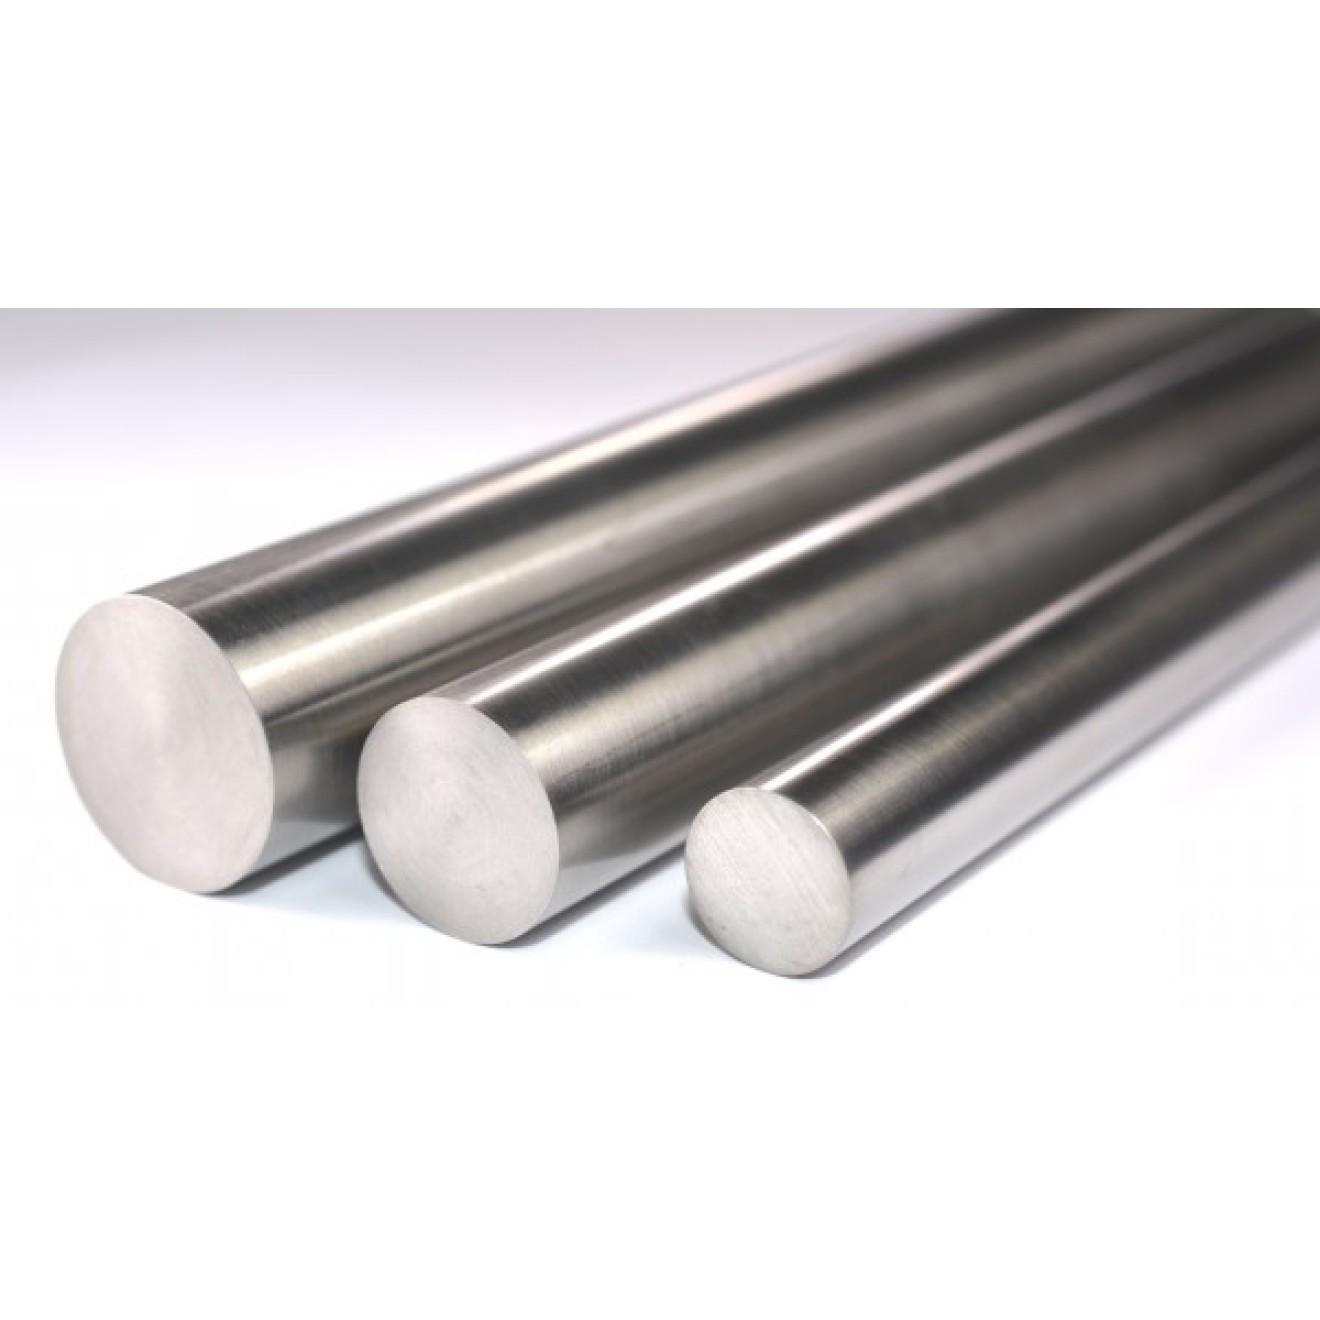 Zuschnitt 1000mm lang D 9mm Silberstahl Rund 1.2210 DIN 175